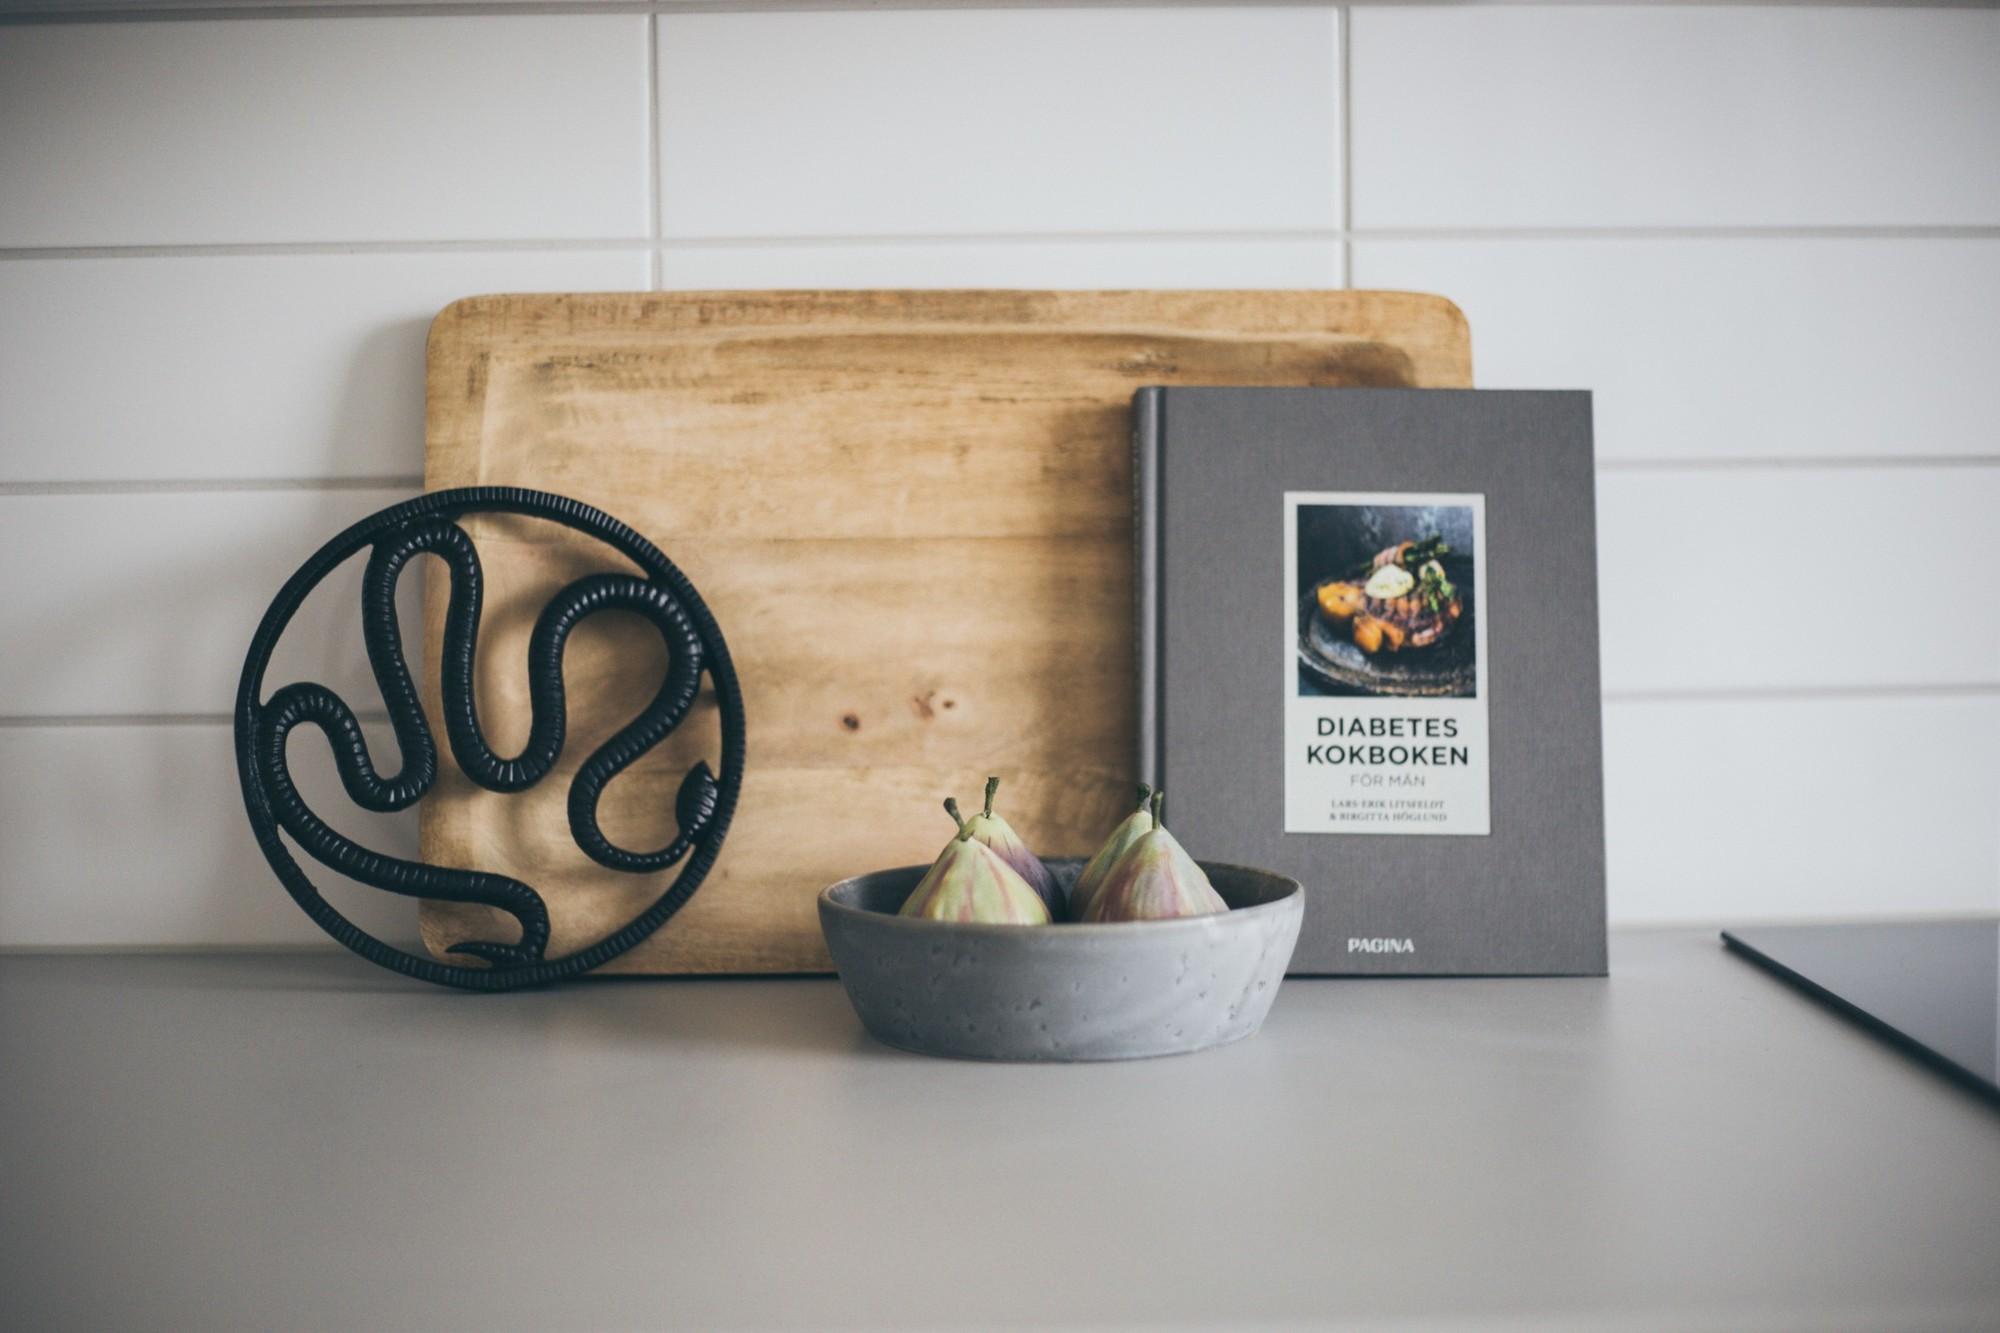 skärbräda i trä lutad mot vägg och grå skål med fikon